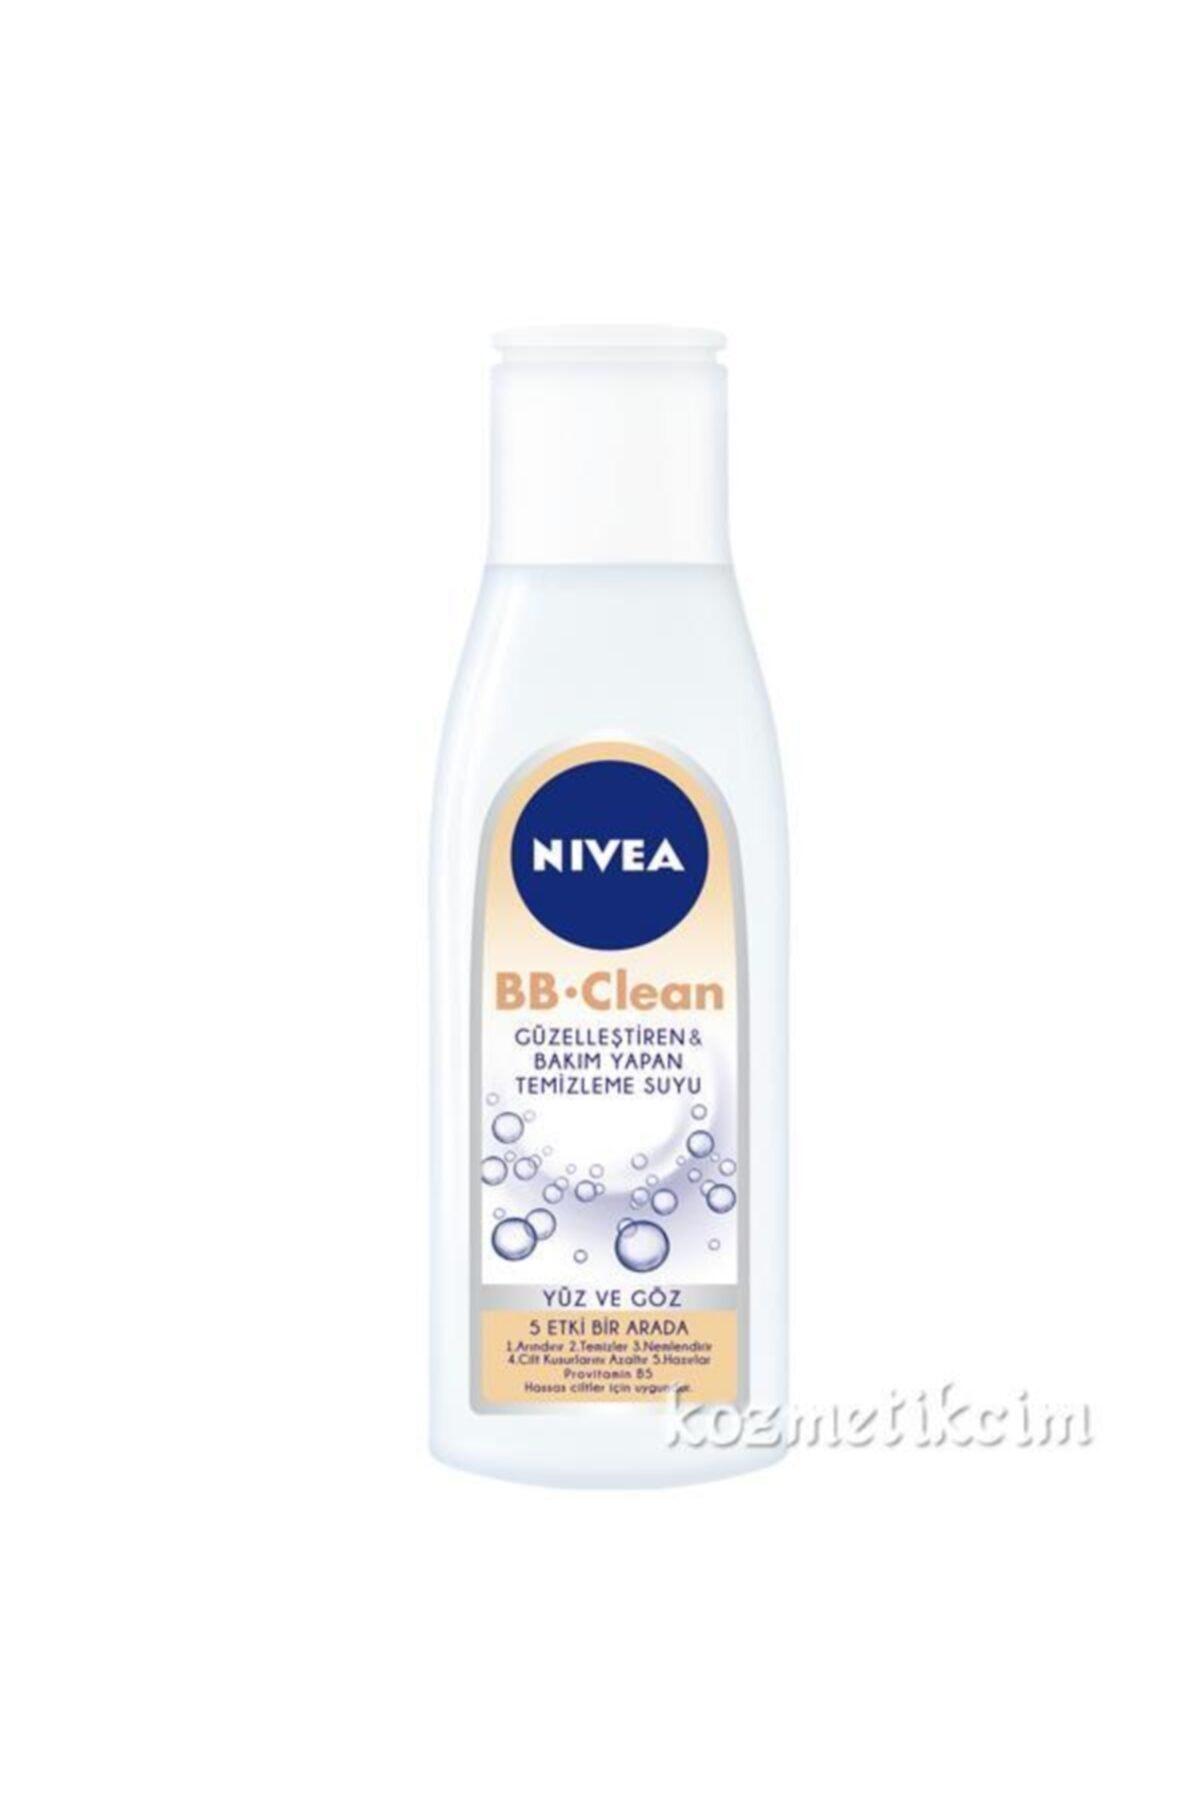 Nivea Bb Clean 5 In1 Yüz Ve Göz Hassas Temizleme Suyu 200 ml 1